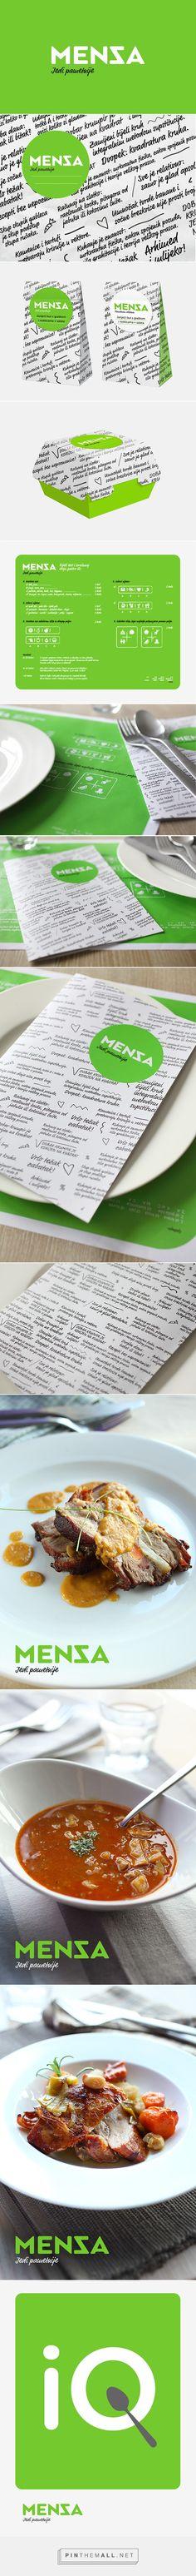 Mensa restaurant  on Behance | Fivestar Branding – Design and Branding Agency & Inspiration Gallery